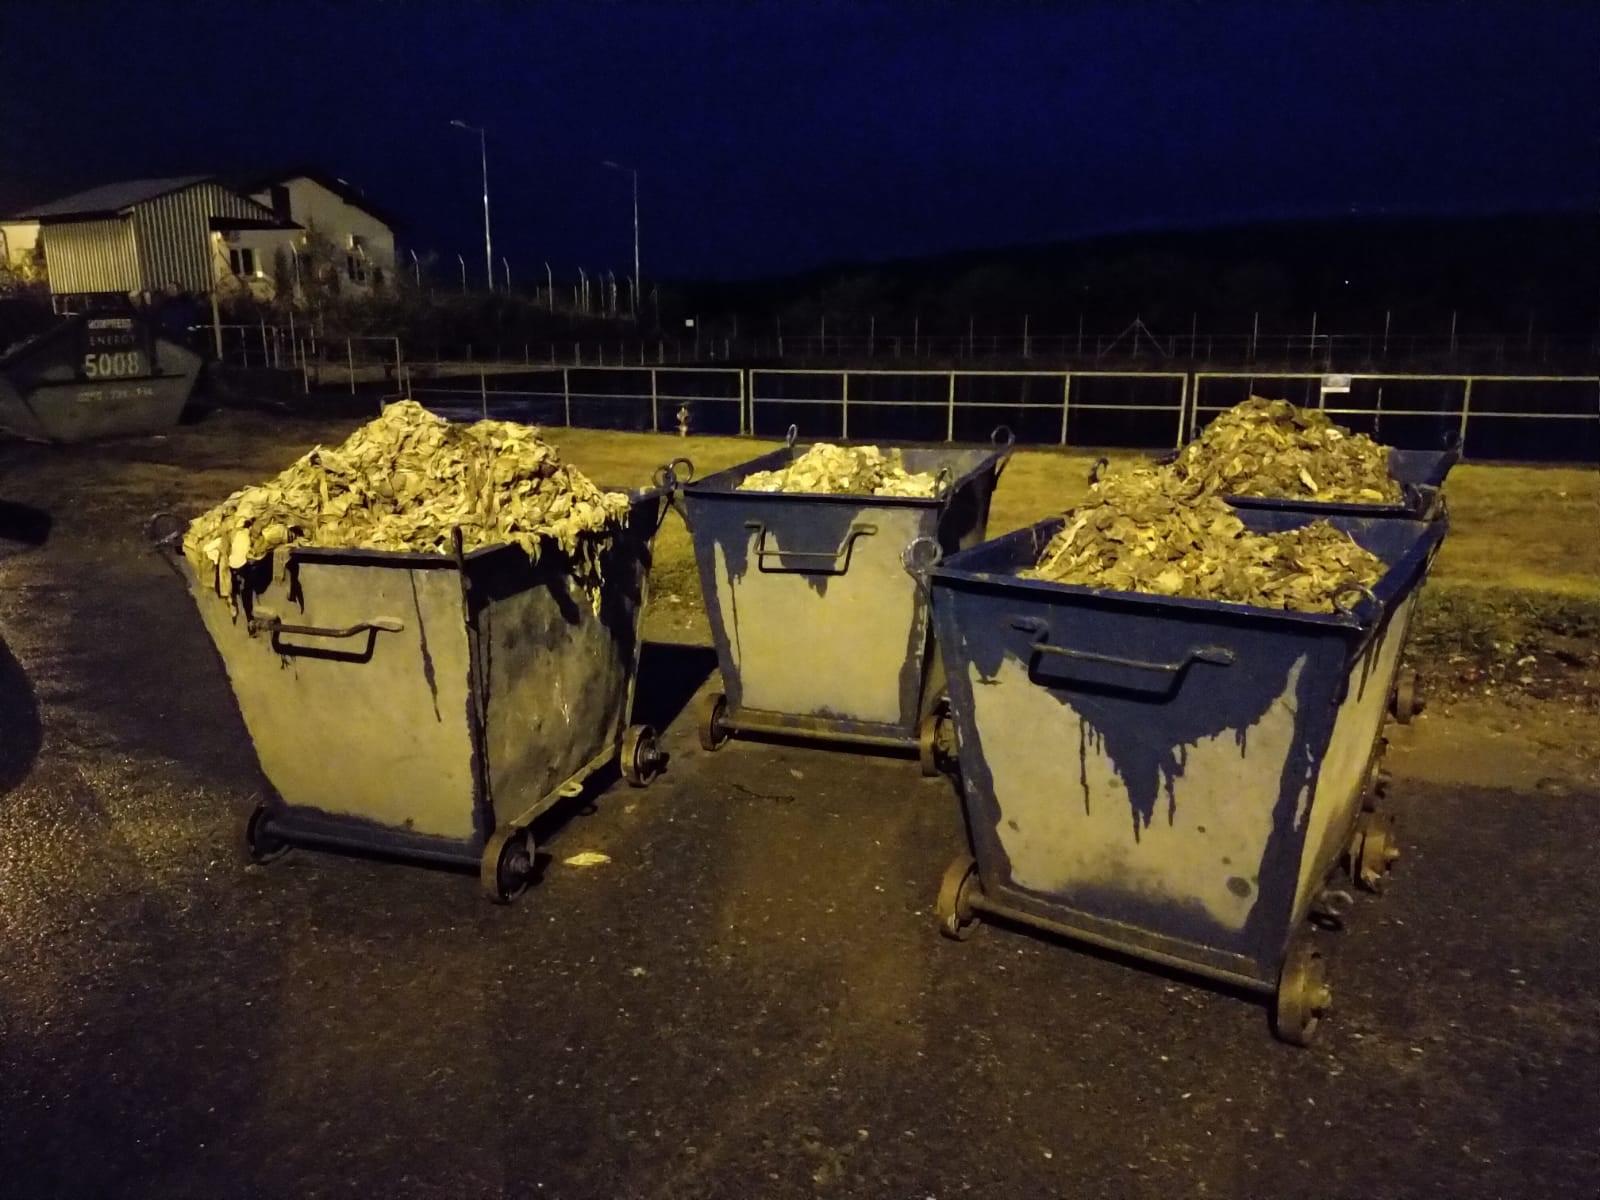 Stația de Epurare Rm. Vâlcea a devenit coșul de gunoi al orașului?